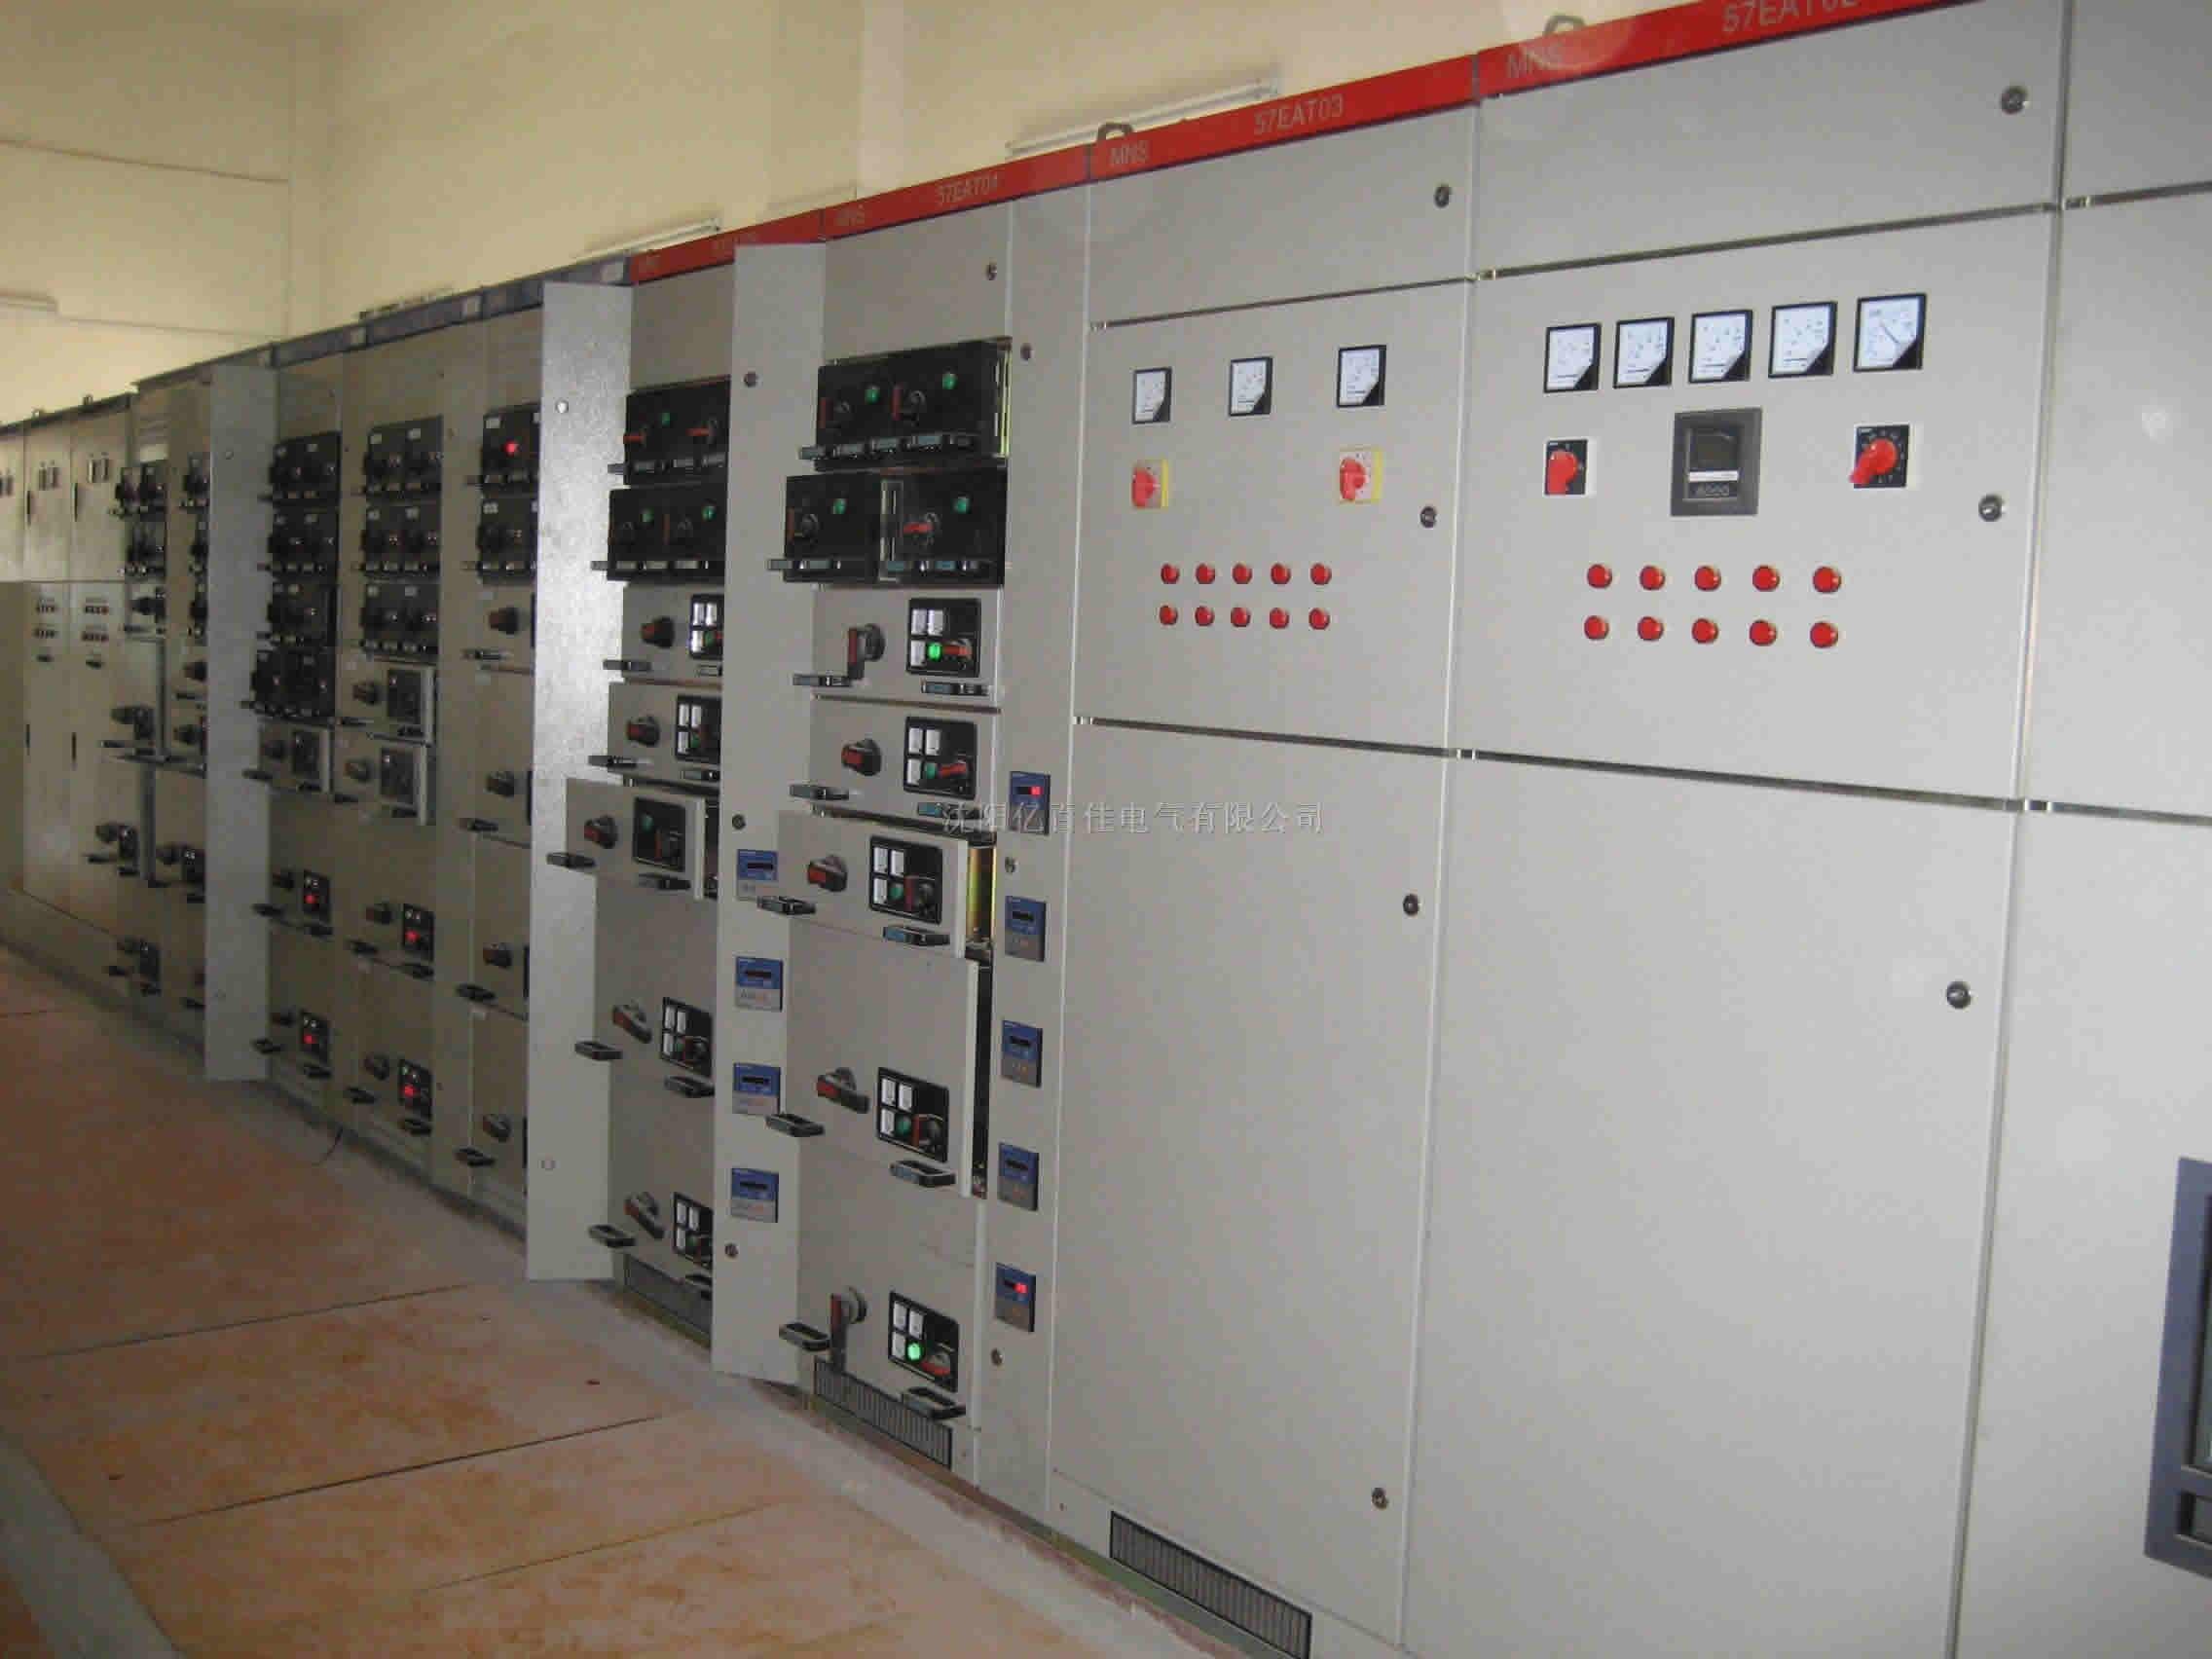 西安电子智能化工程-自动化控制系统